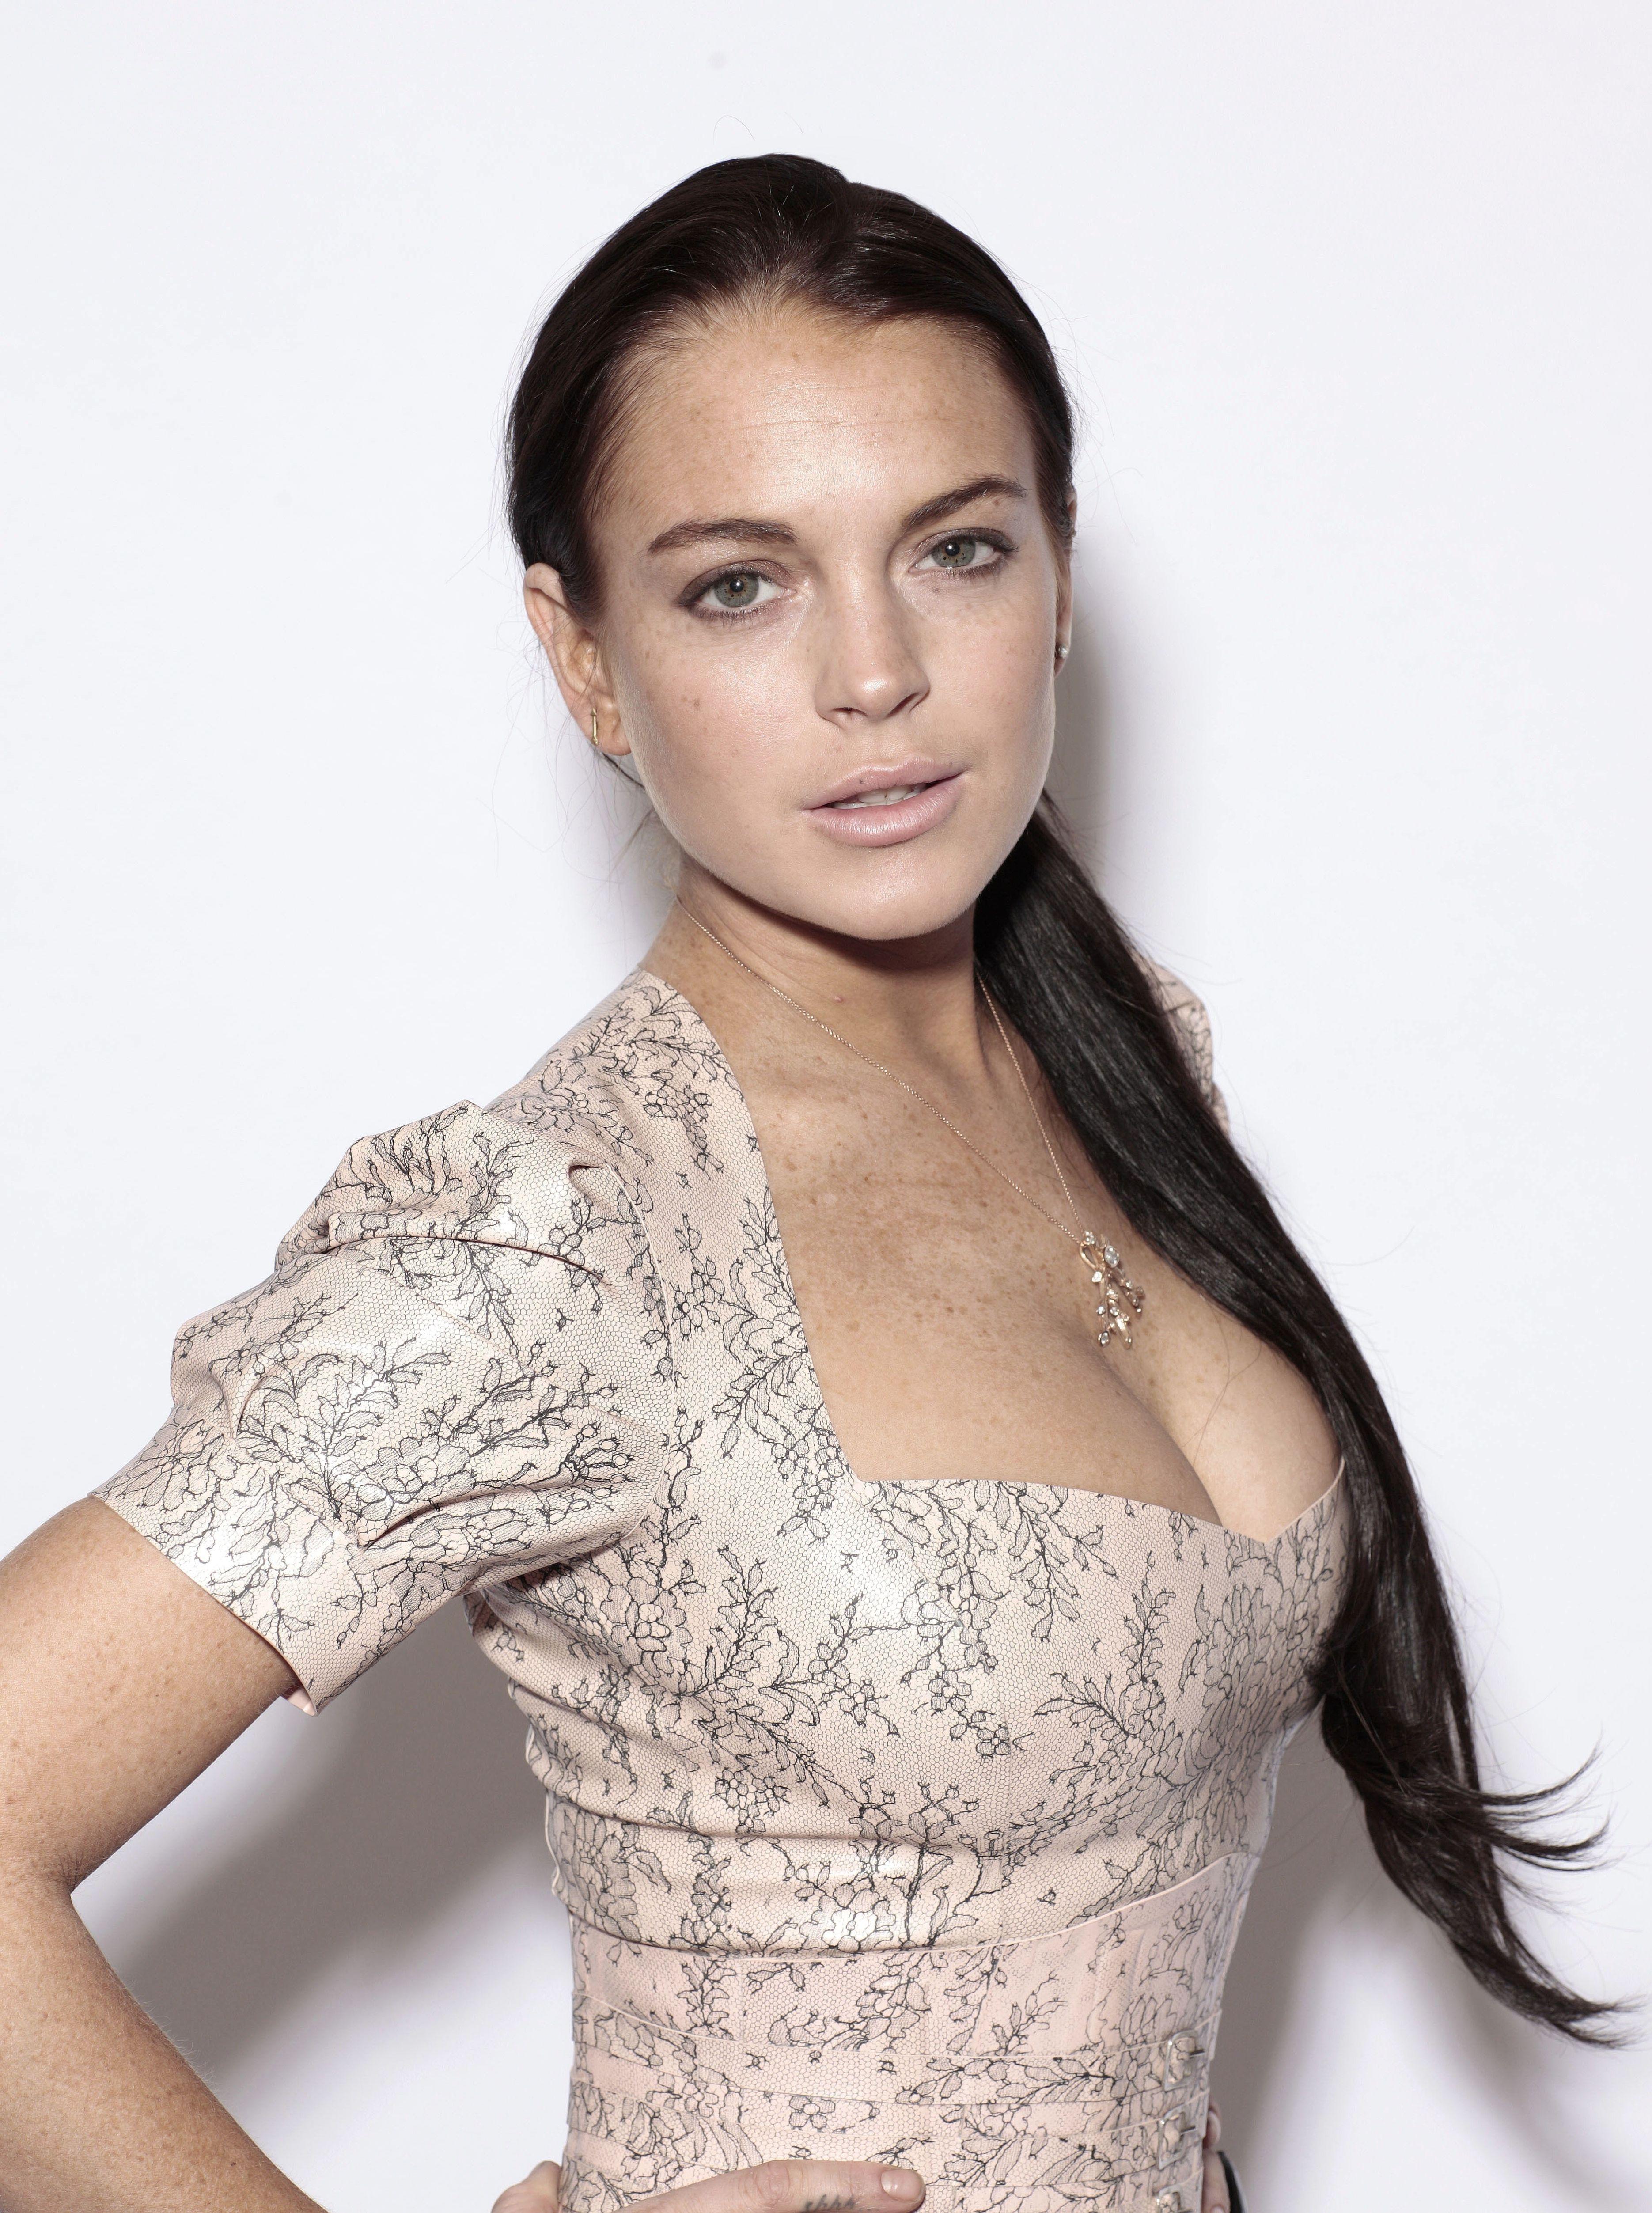 Lindsay Lohan en robe décolletée